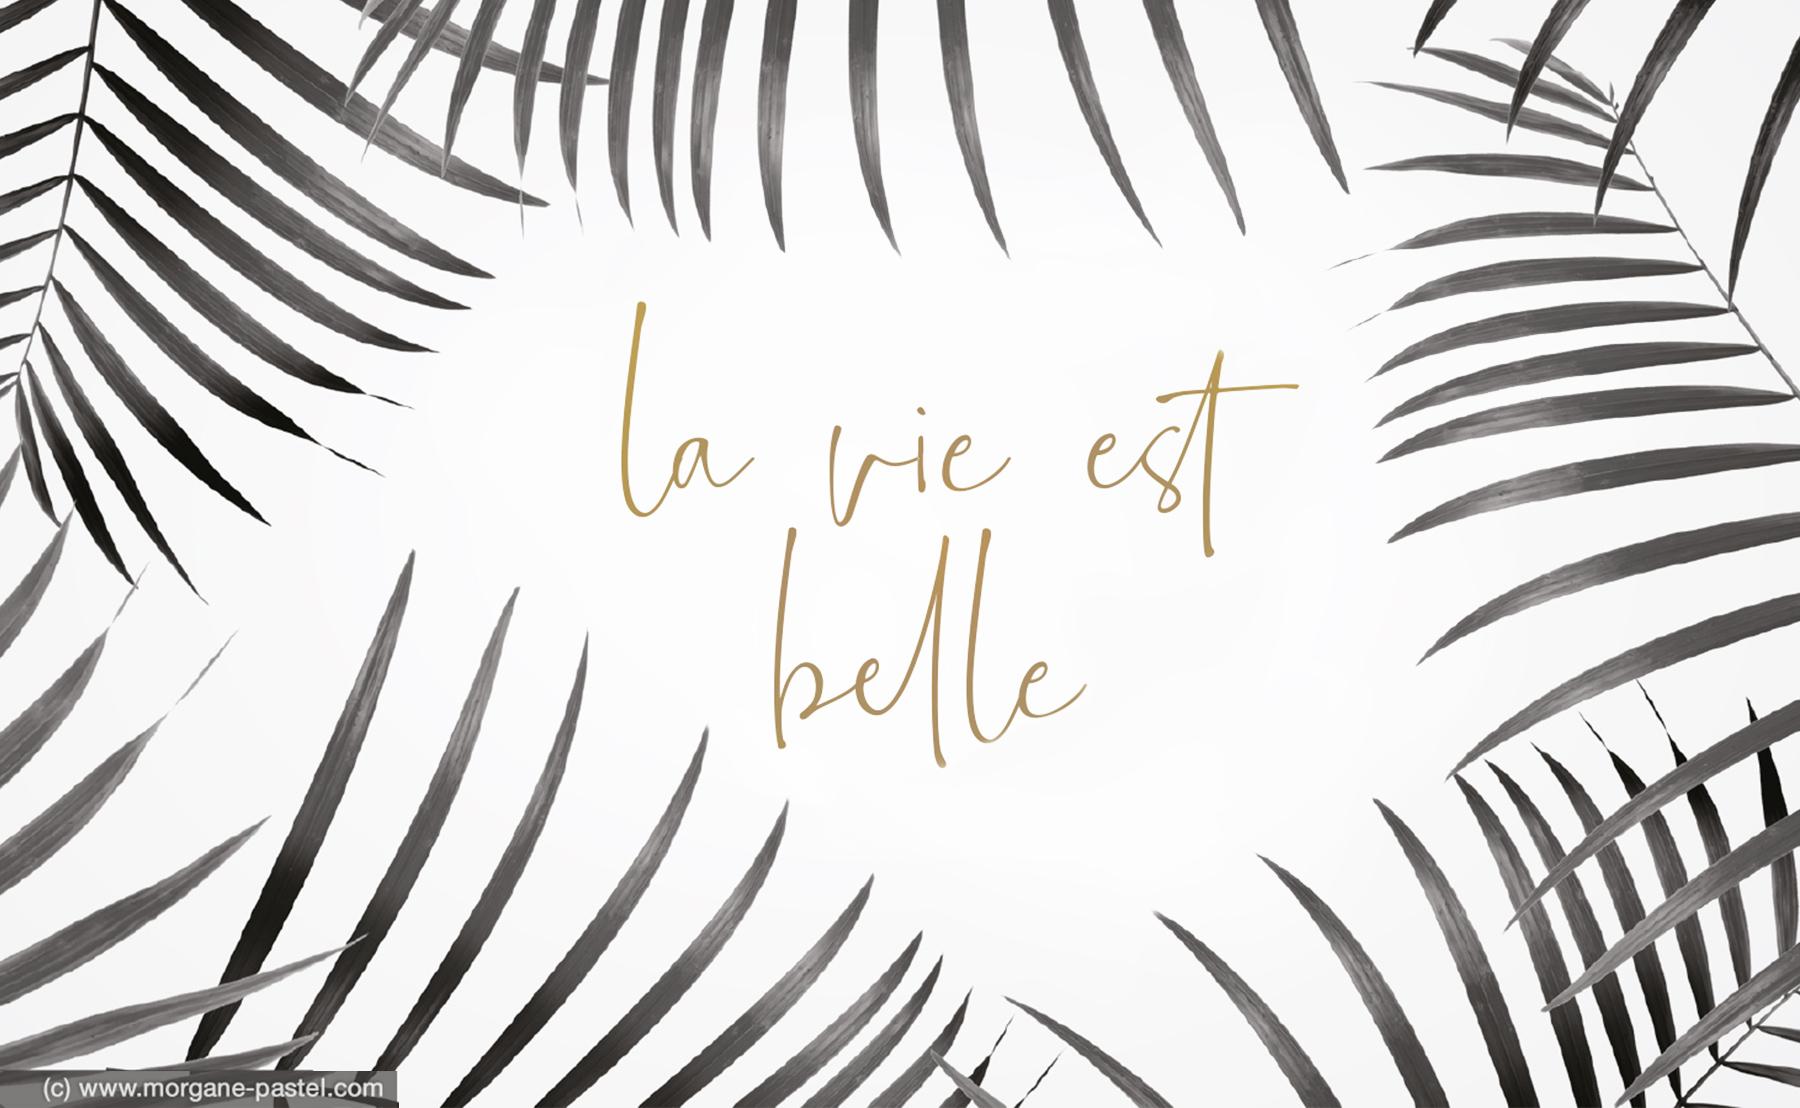 Fond D Ecran La Vie Est Belle Avril 2019